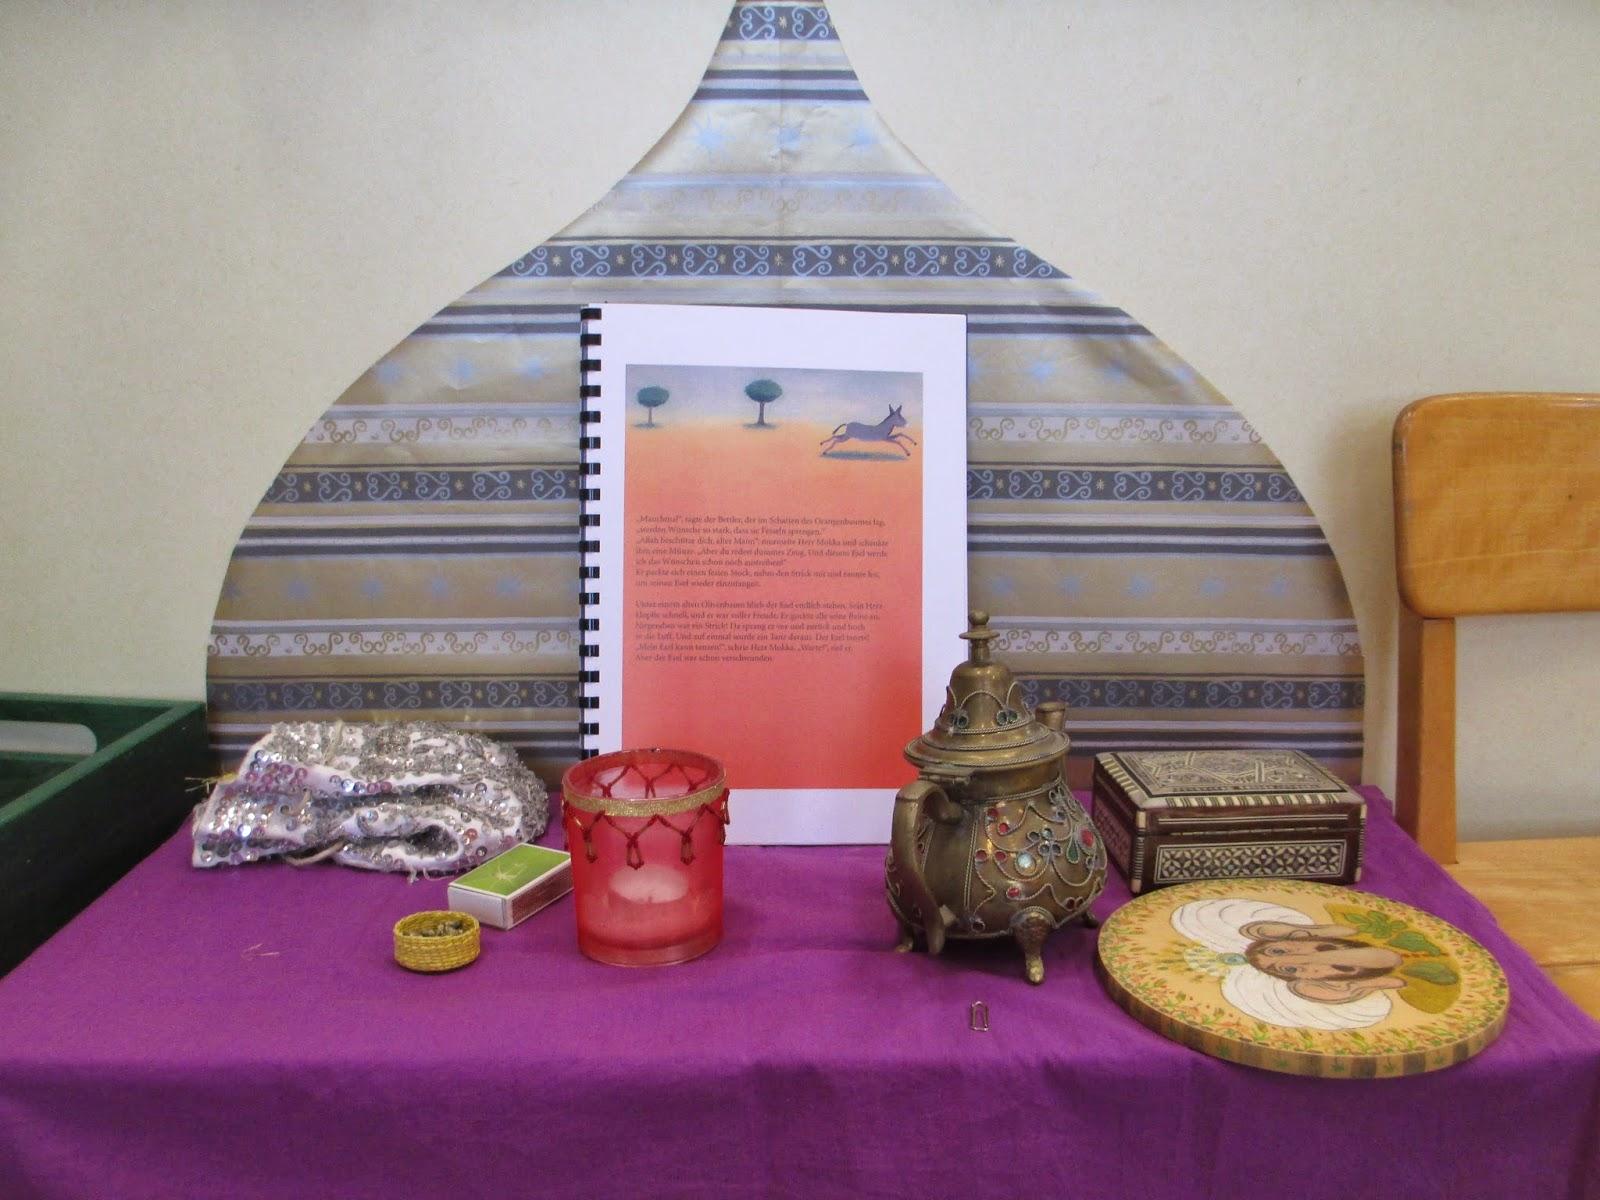 einfache orientalische Dekoration